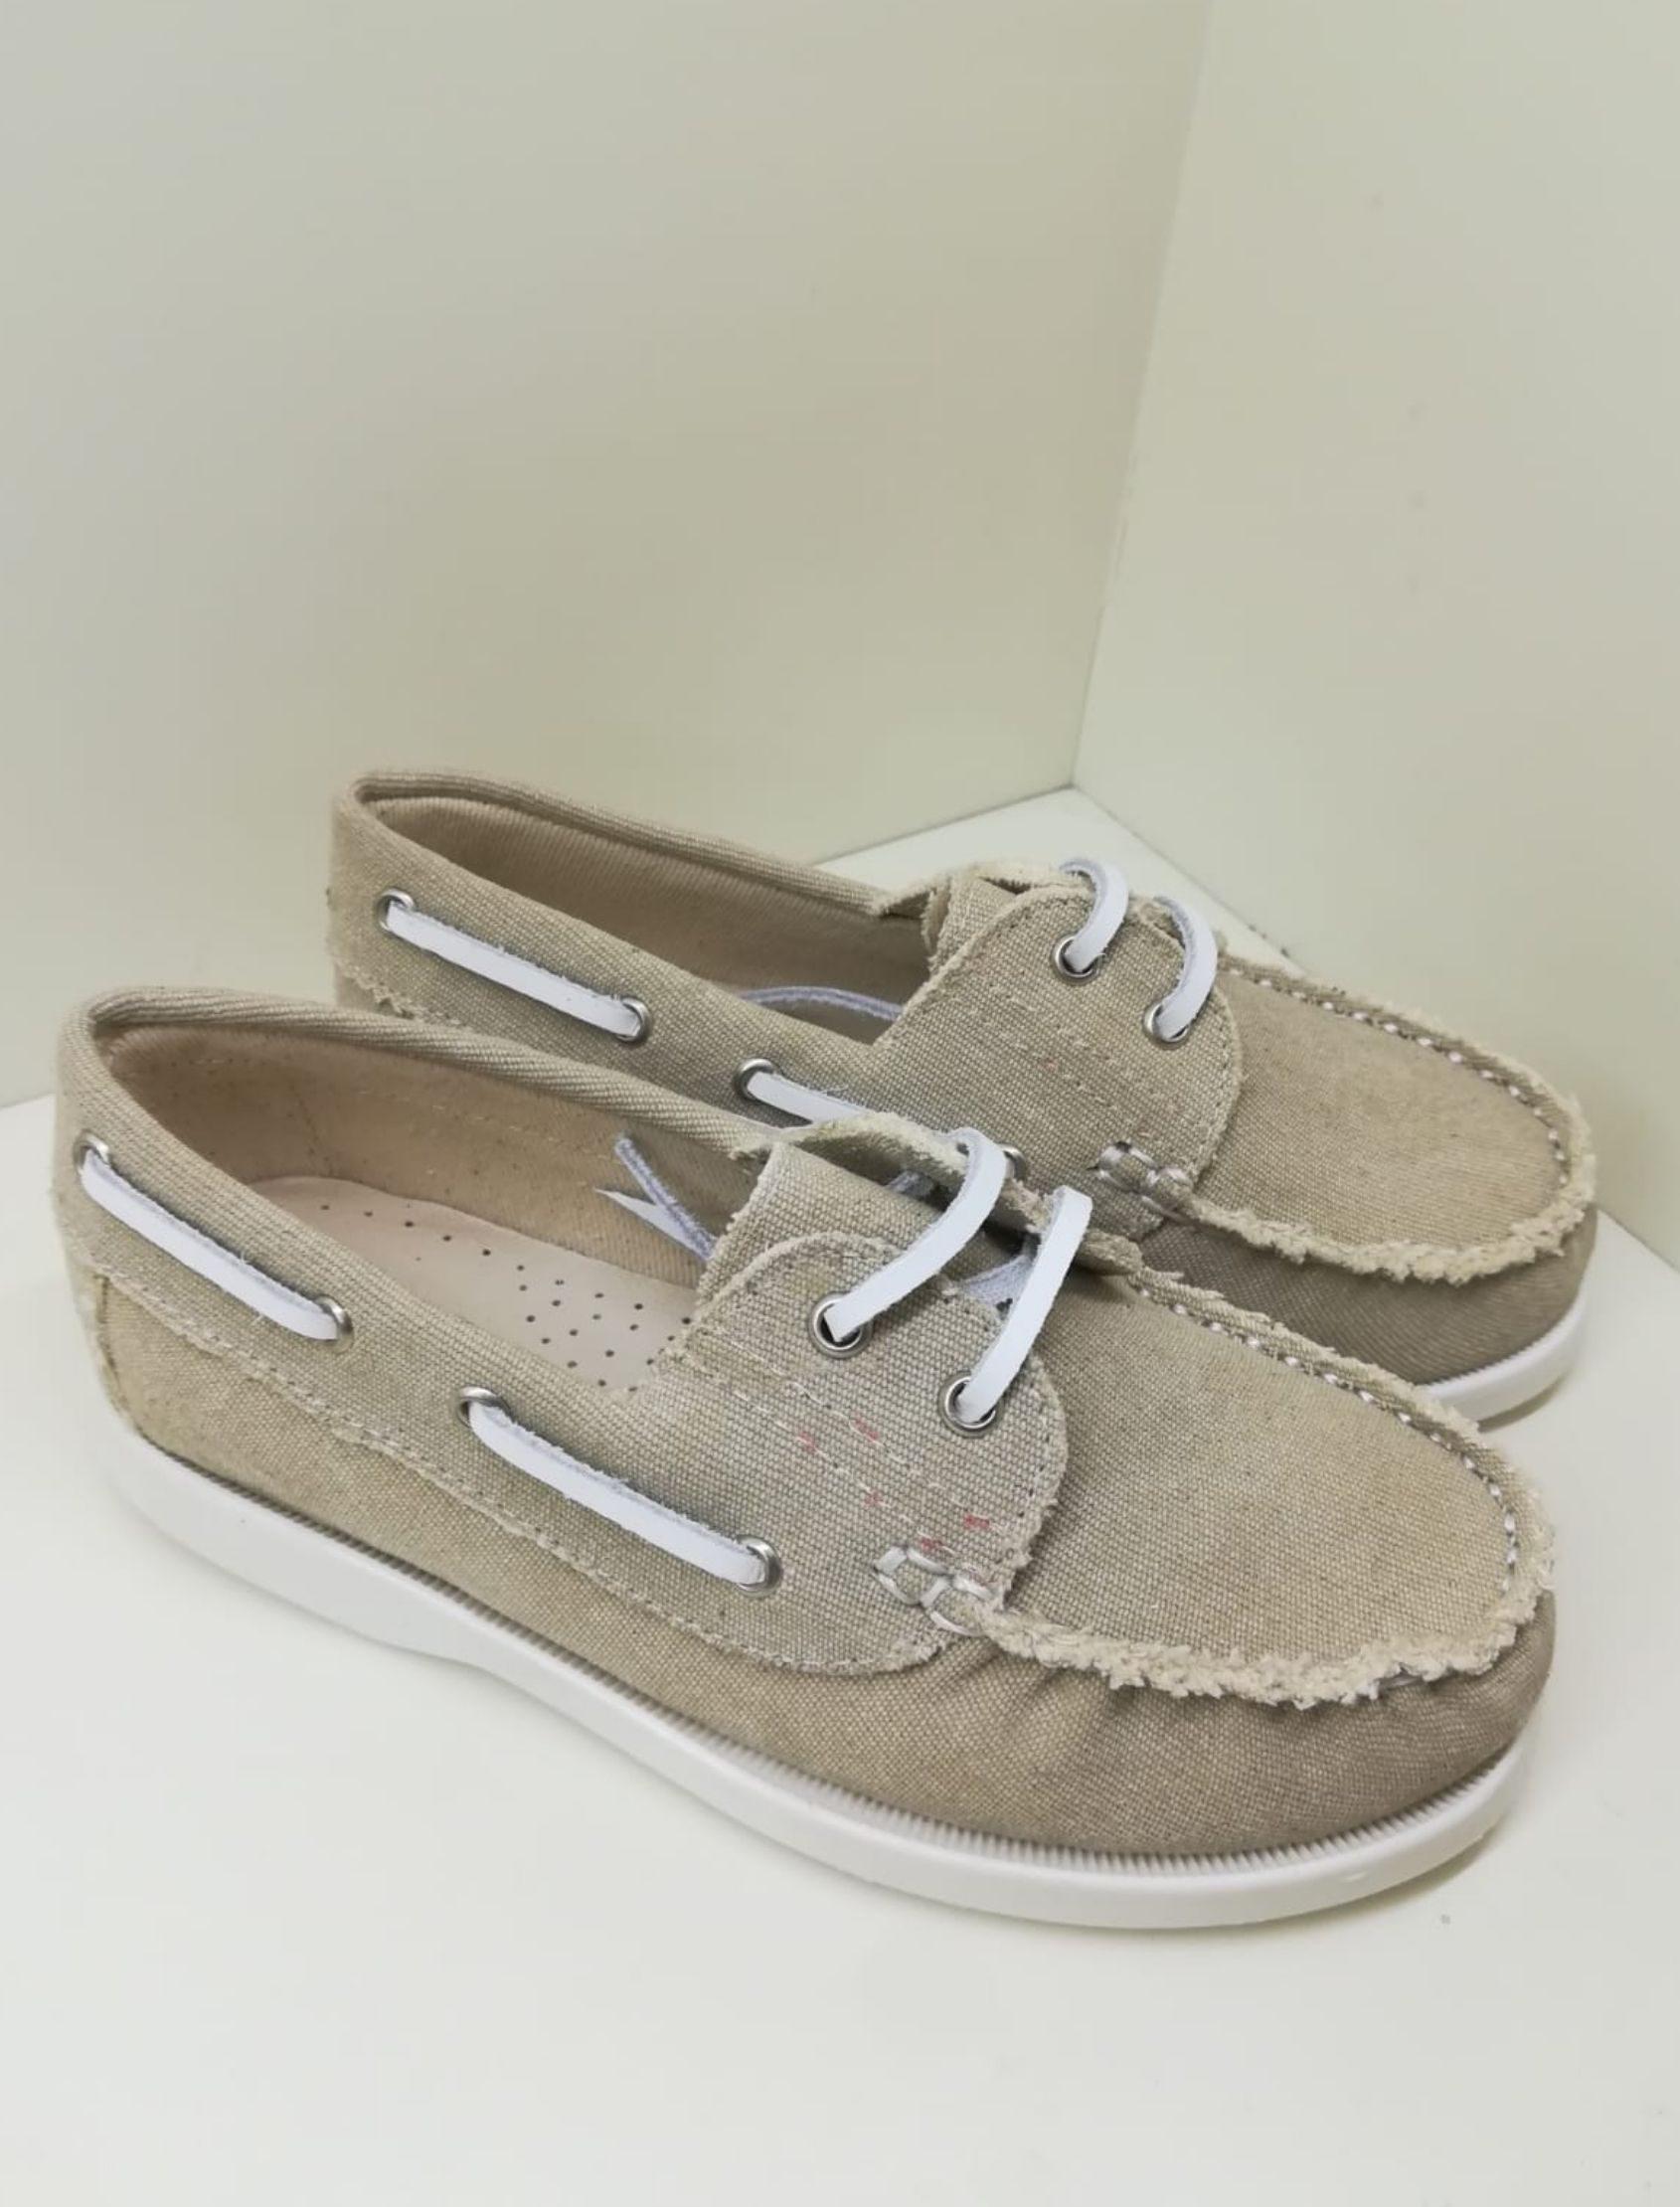 zapato de niño etilo náutico en color arena con cordón blanco